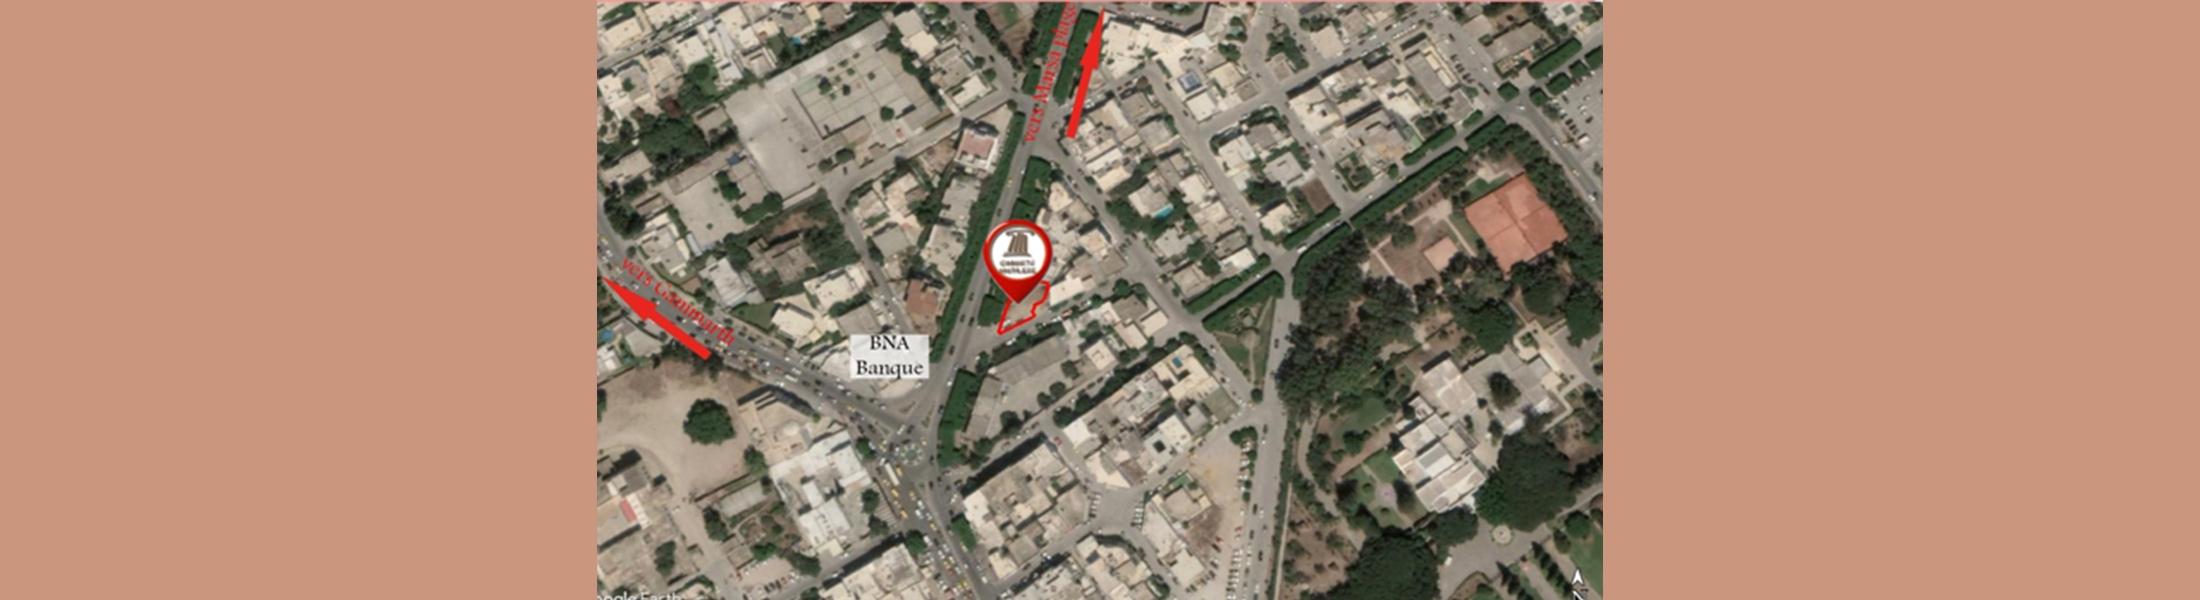 المقسم الصادقية 1 كائن بمدينة المرسى - تونس (طلب العروض عدد 07 لسنة 2020)